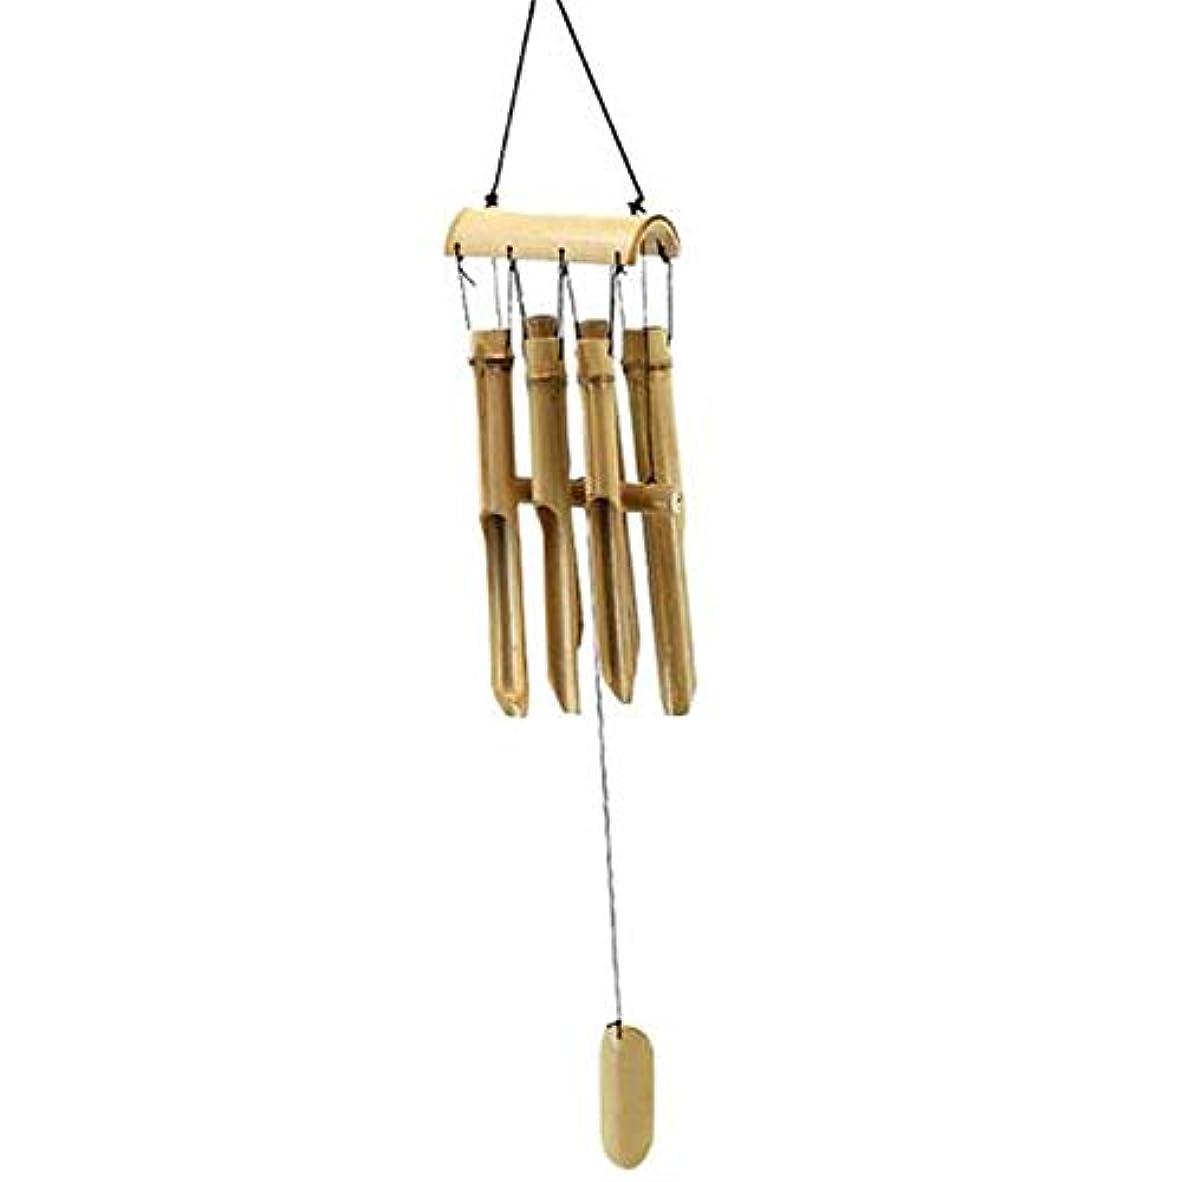 モート赤外線望まないHongyuantongxun 風チャイム、中国のスタイルヴィンテージ手作りの竹風チャイム、ブラウン、全身について67CM、90CM,、装飾品ペンダント (Size : 90cm)